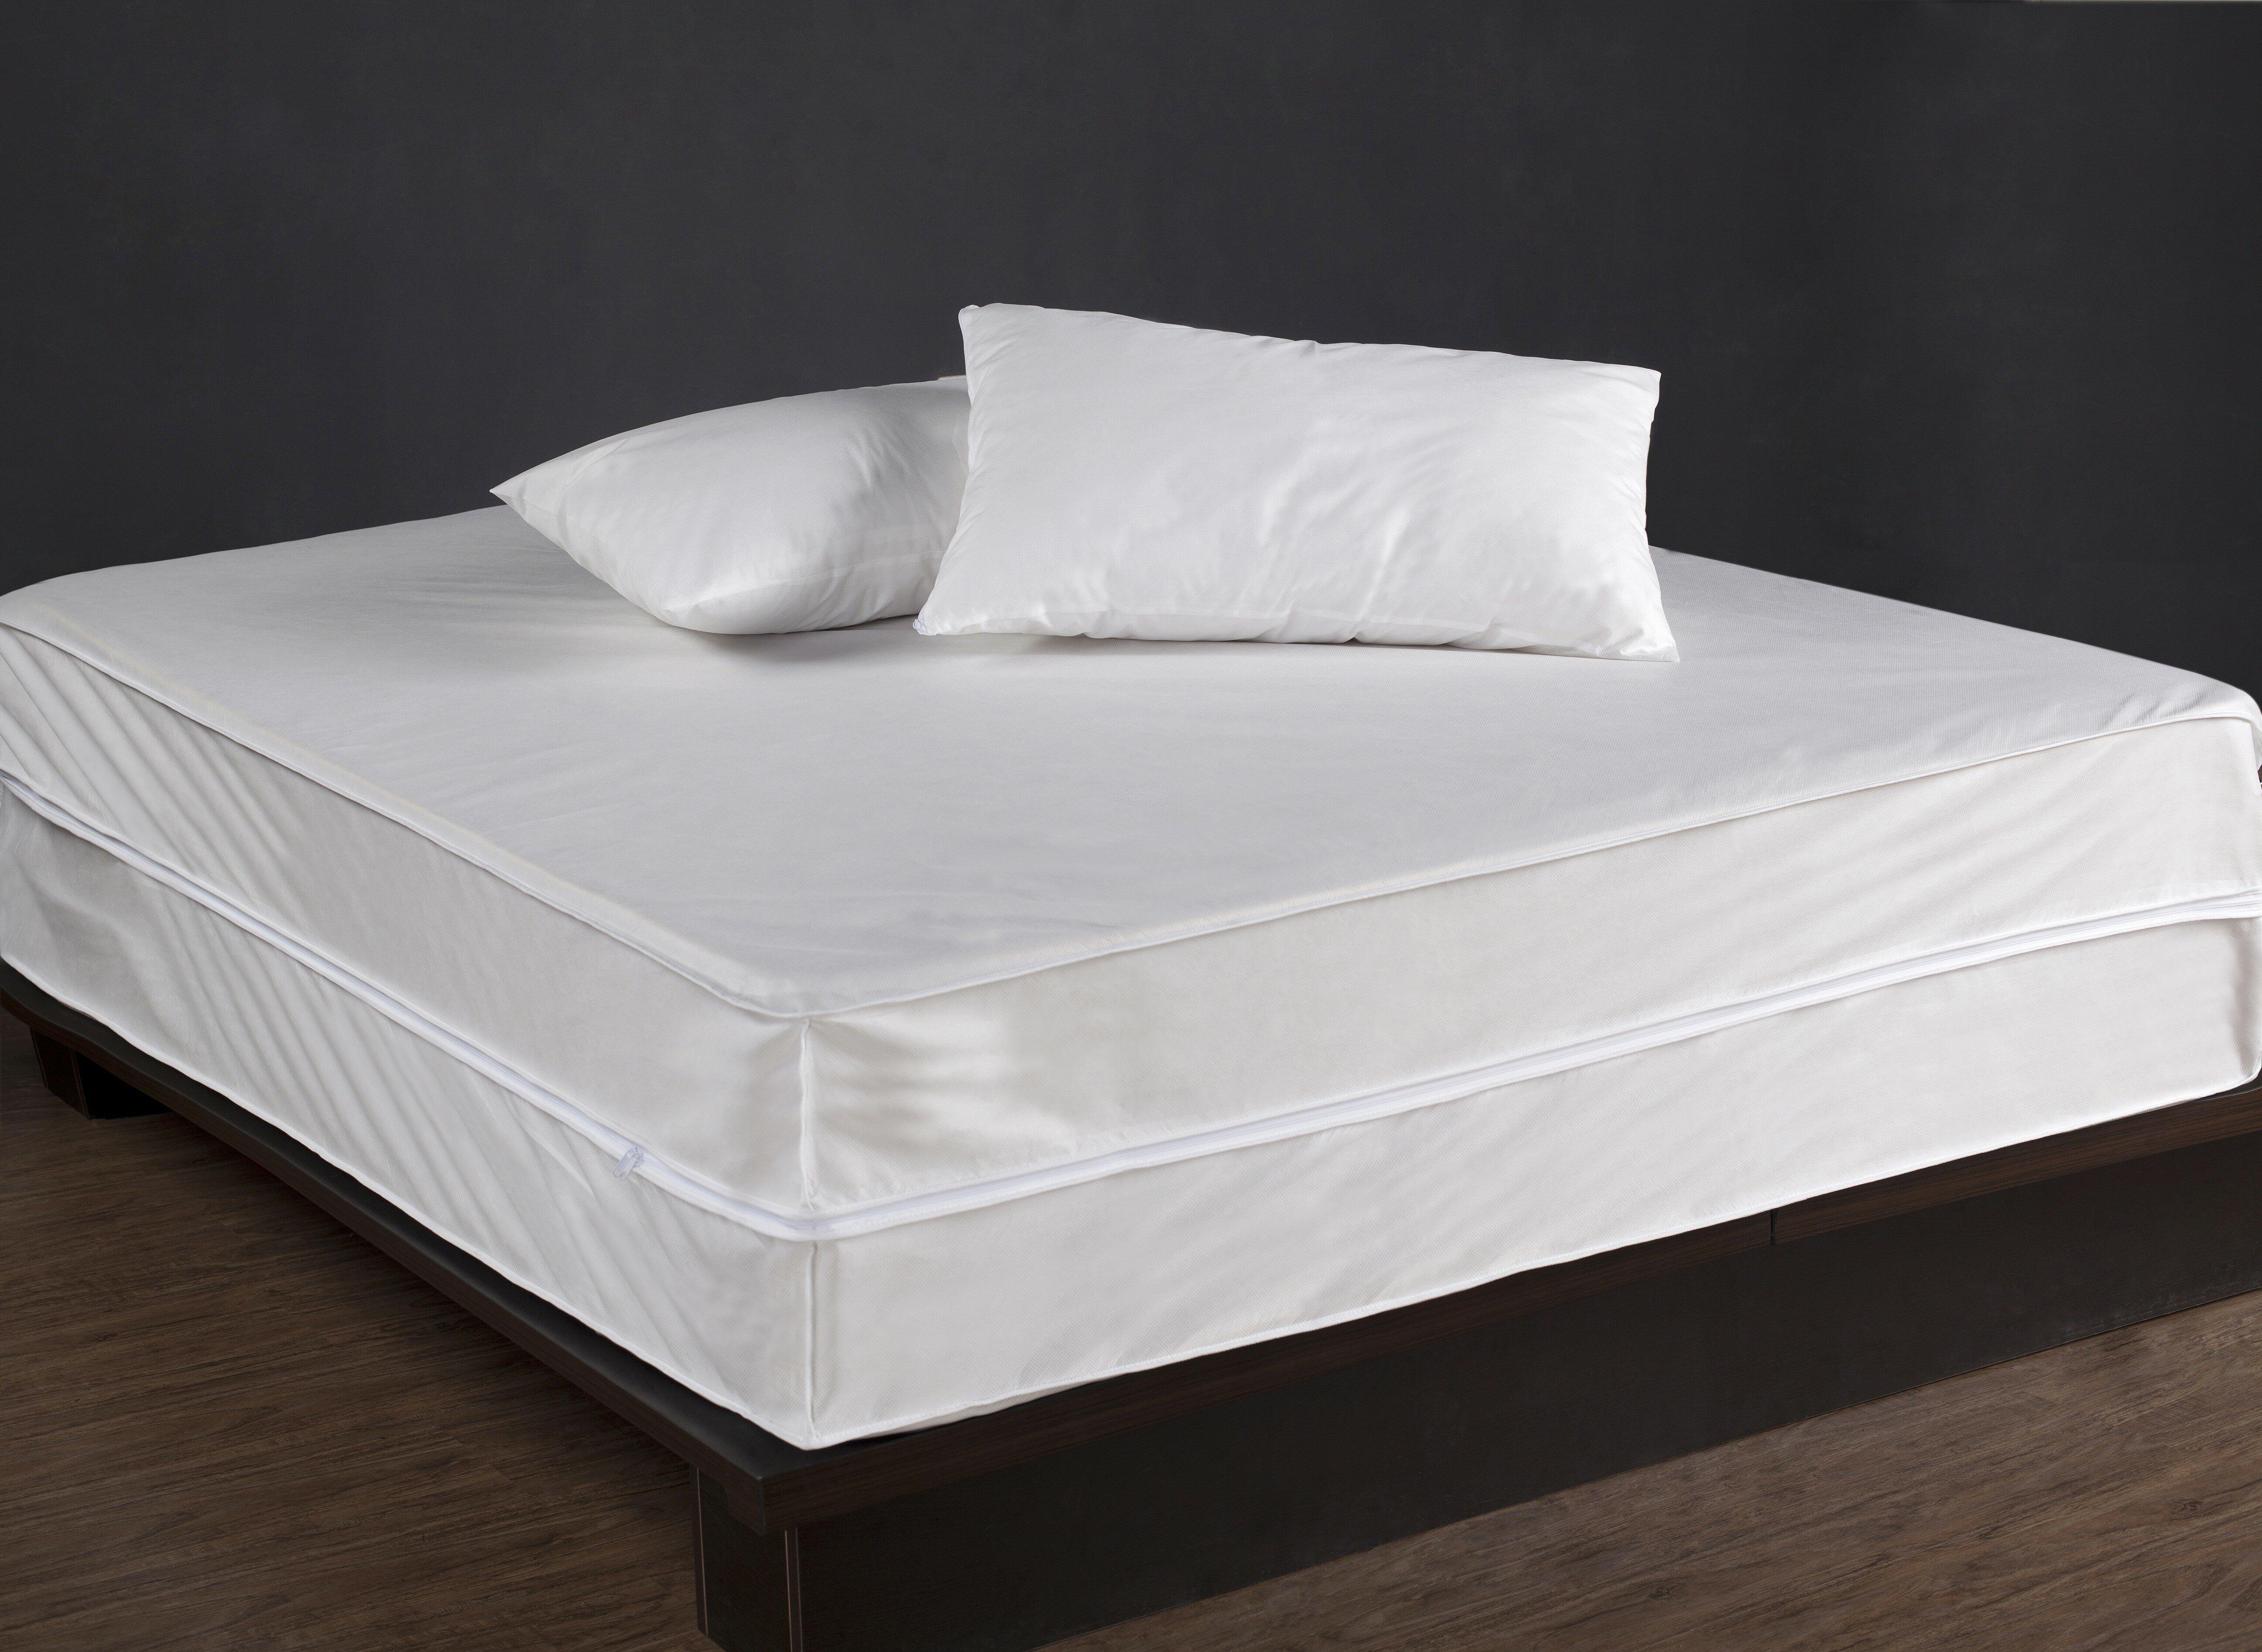 topper shop mattress duvet pillow cover waterproof feather boston duck